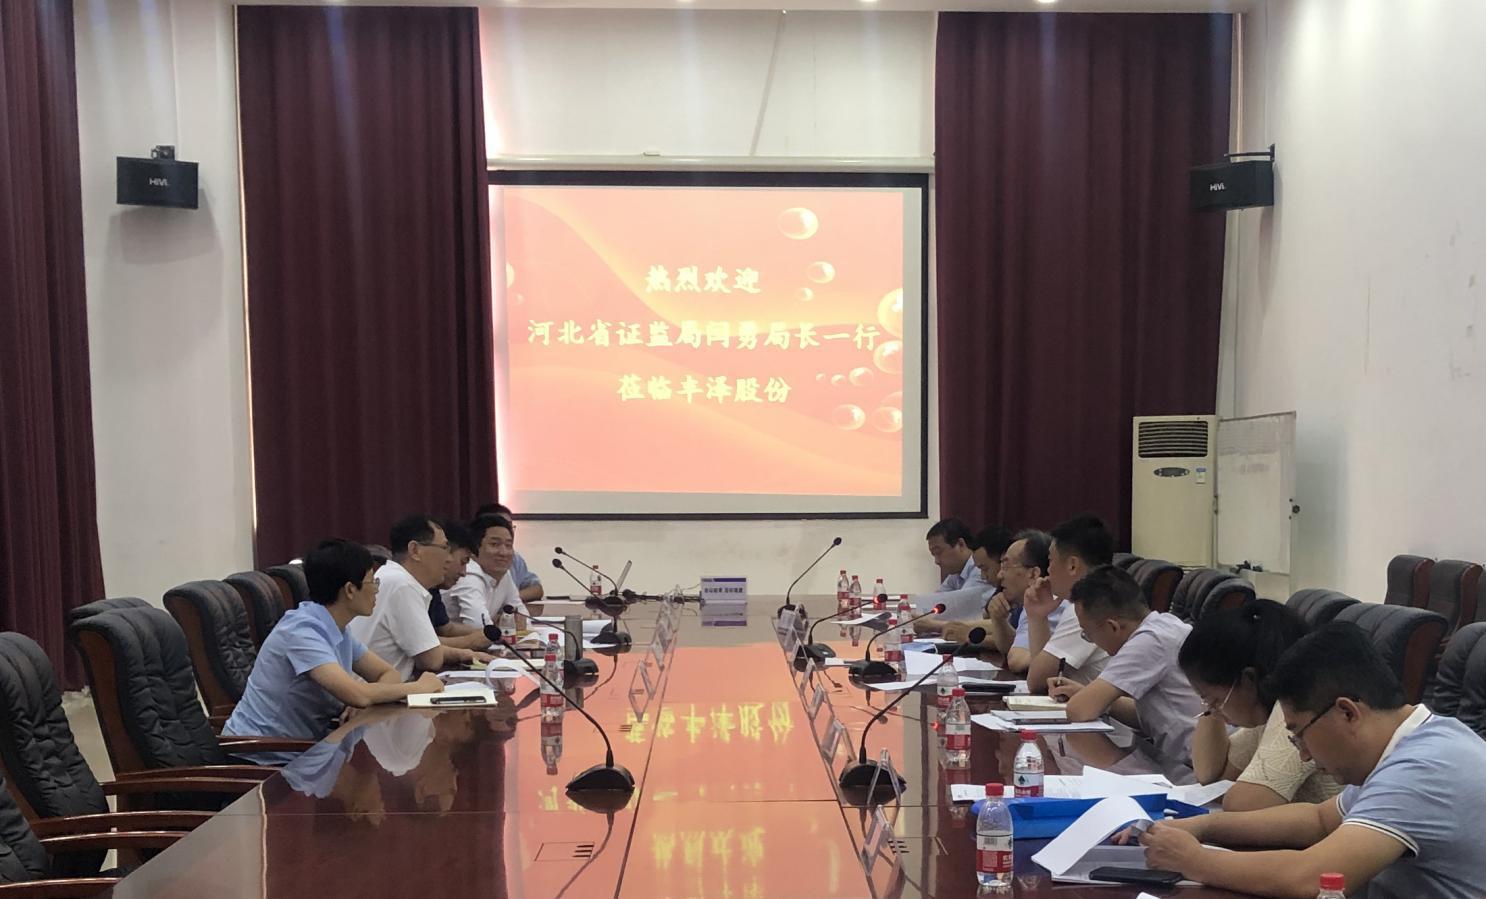 河北省证监局党委书记、局长闫勇到戒赌吧去哪里了股份考察调研